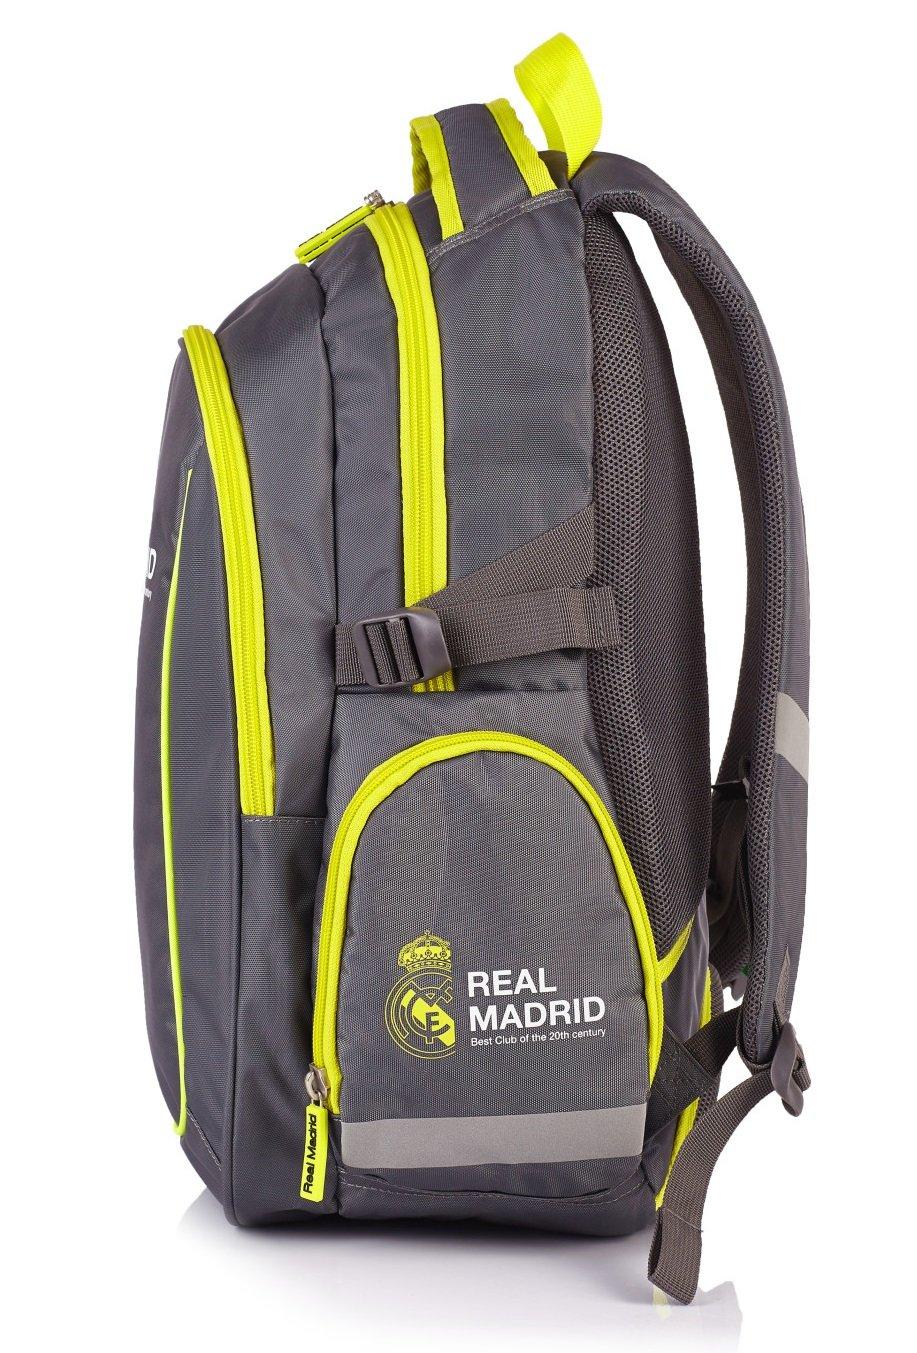 d8bfa40ae4 Real Madrid grand sac a dos ergonomique loisirs moto sport cartable l'école  nouveauté RM-99 ...